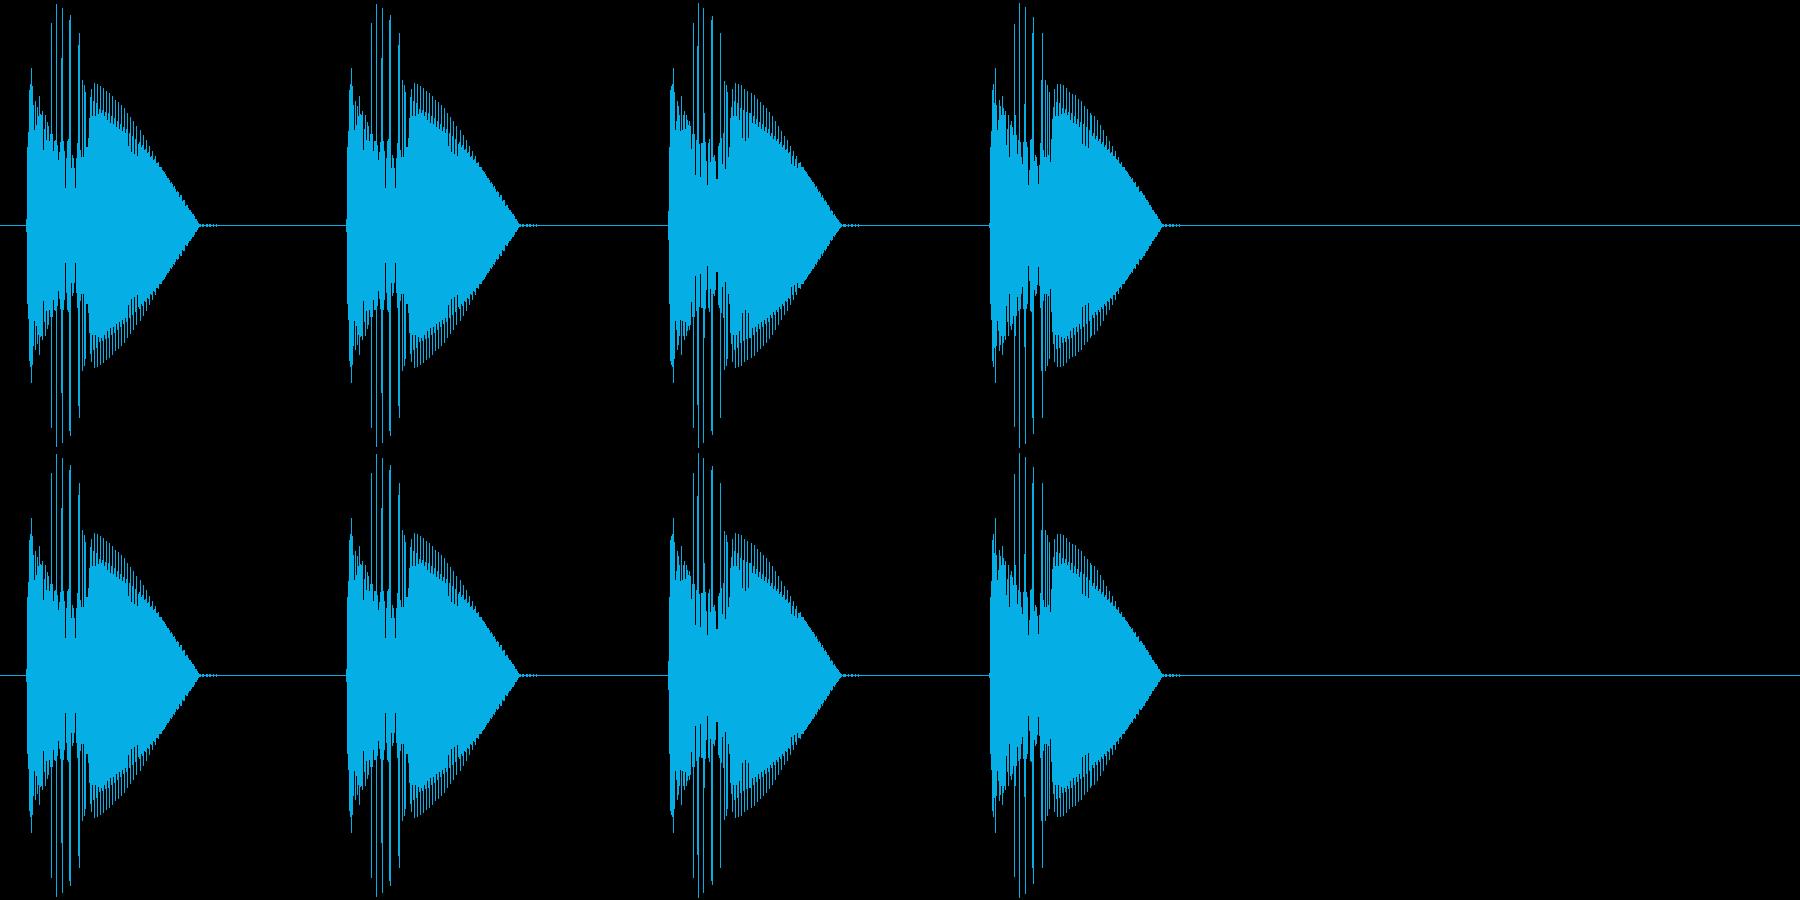 警告・警報・サイレン・ブザー#4の再生済みの波形